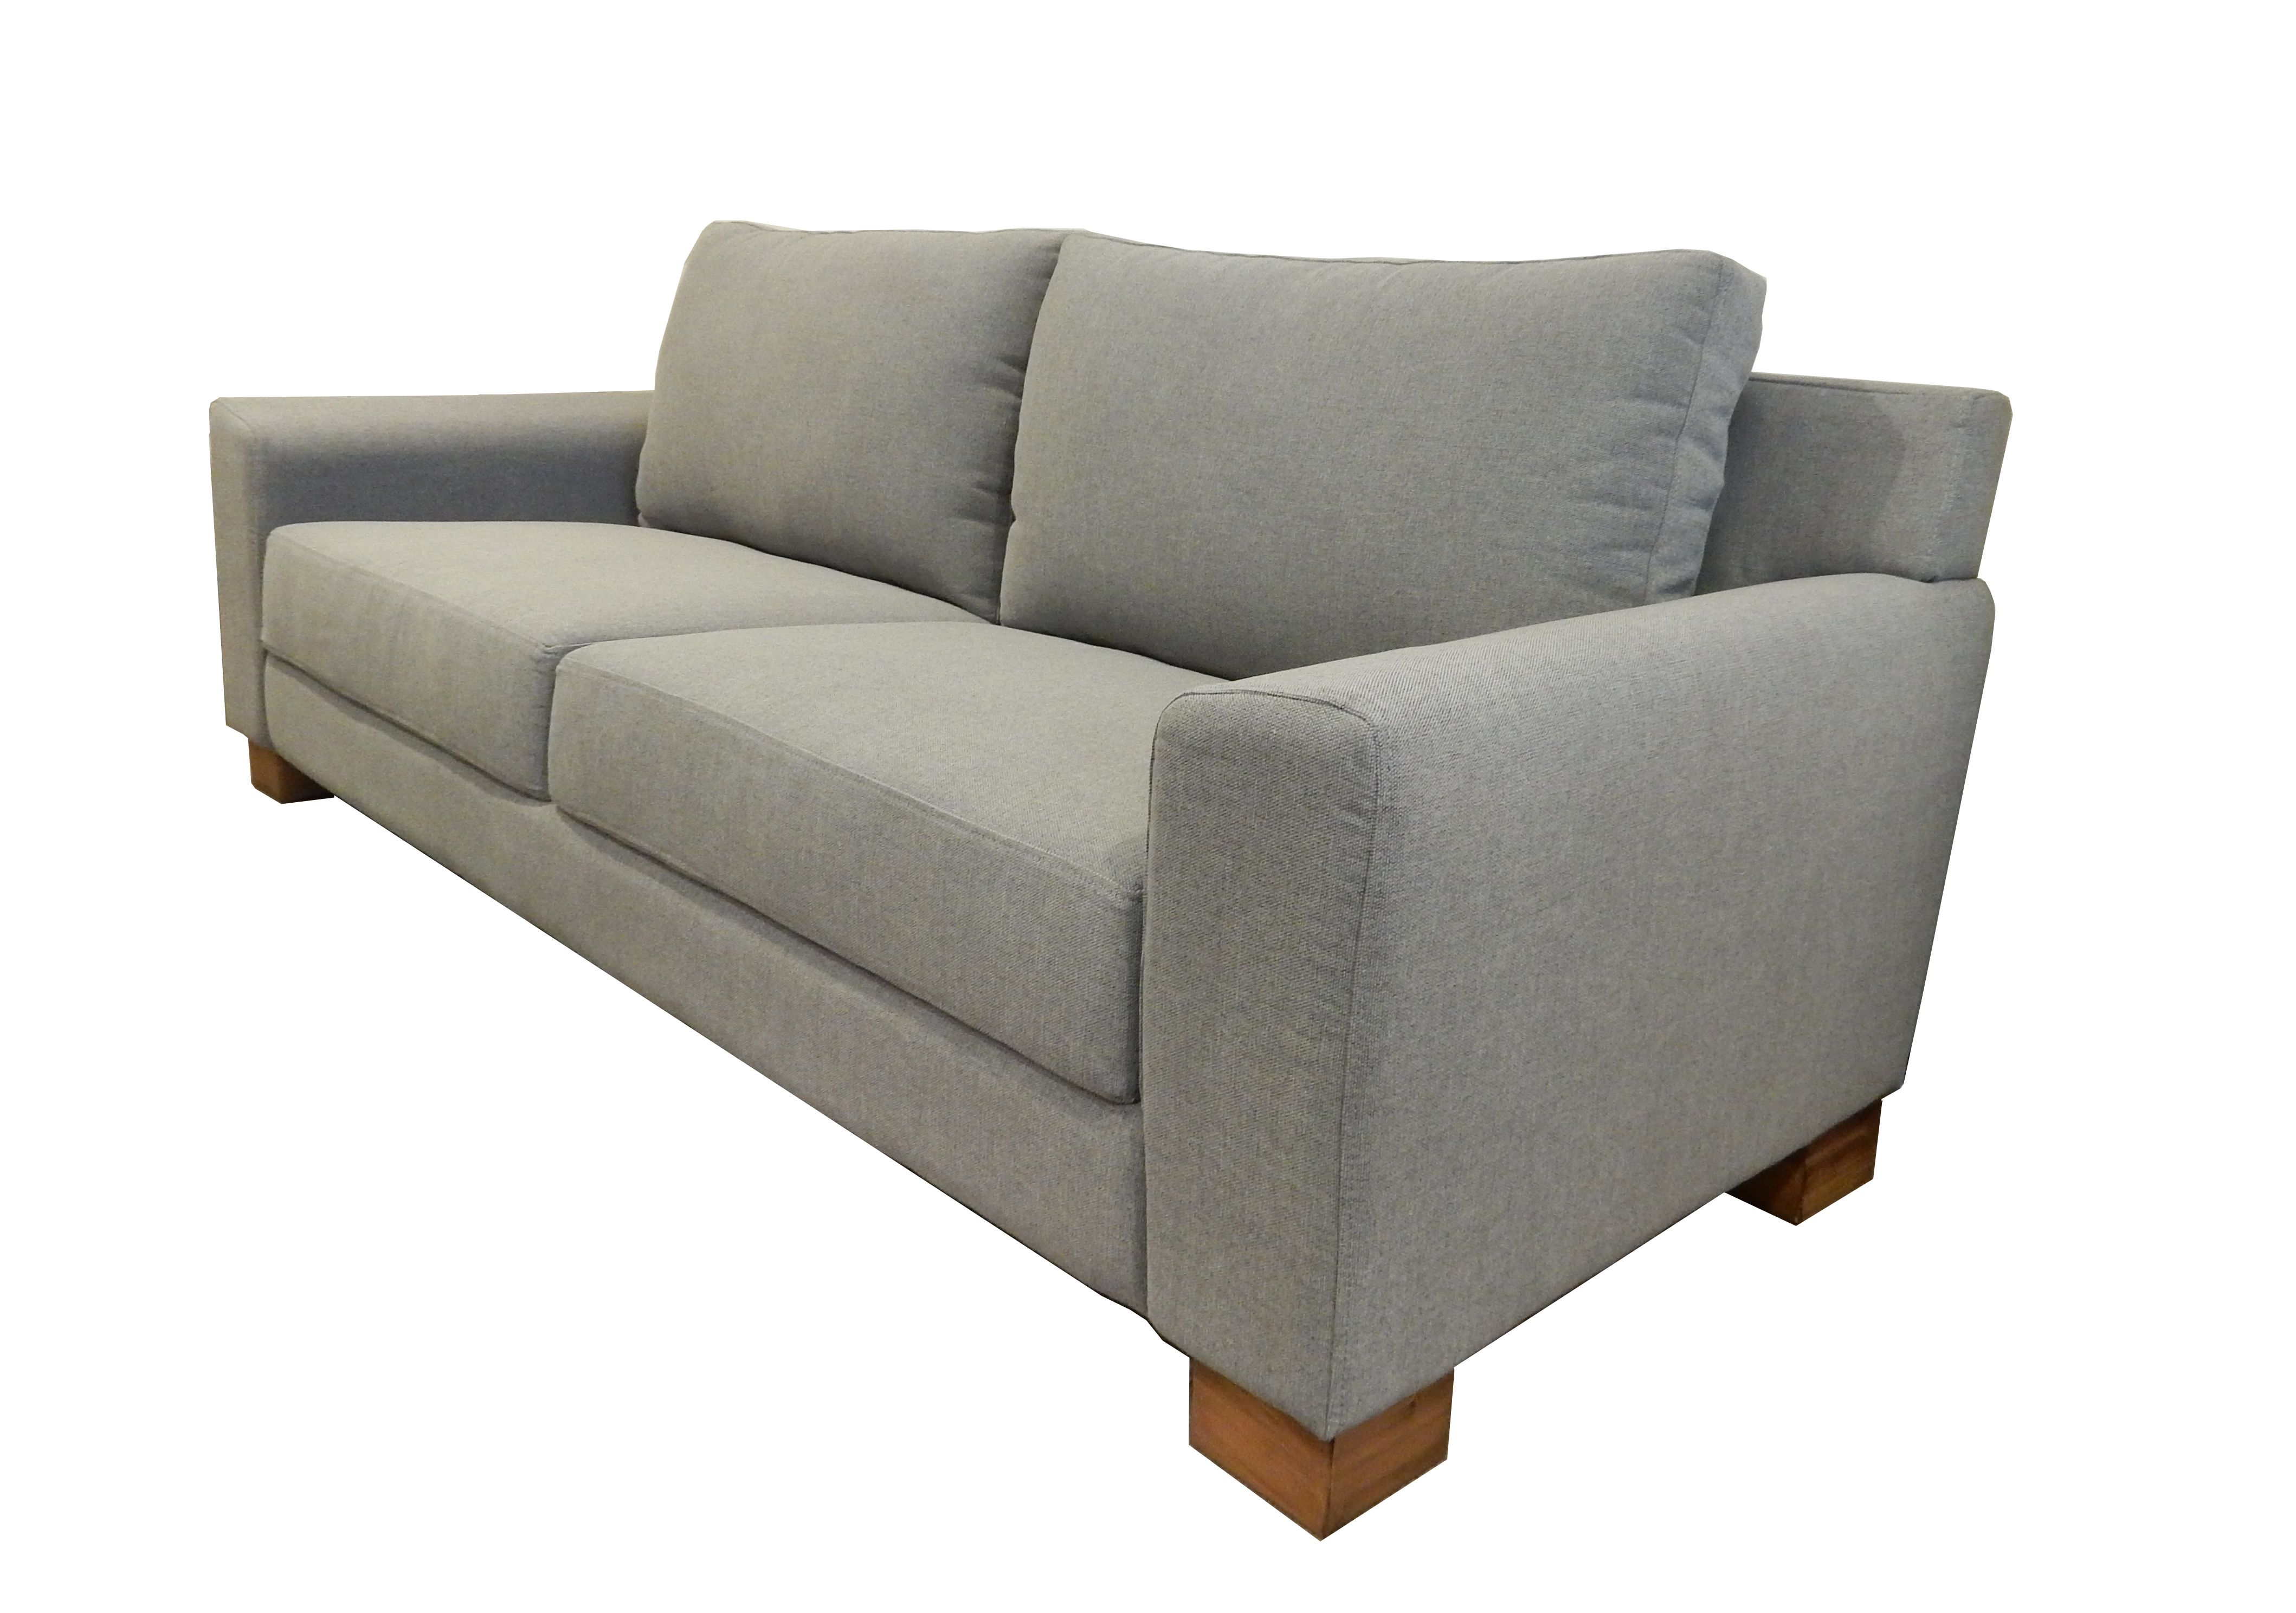 M s de 25 ideas incre bles sobre sillones tres cuerpos en for Sofa cama de dos cuerpos